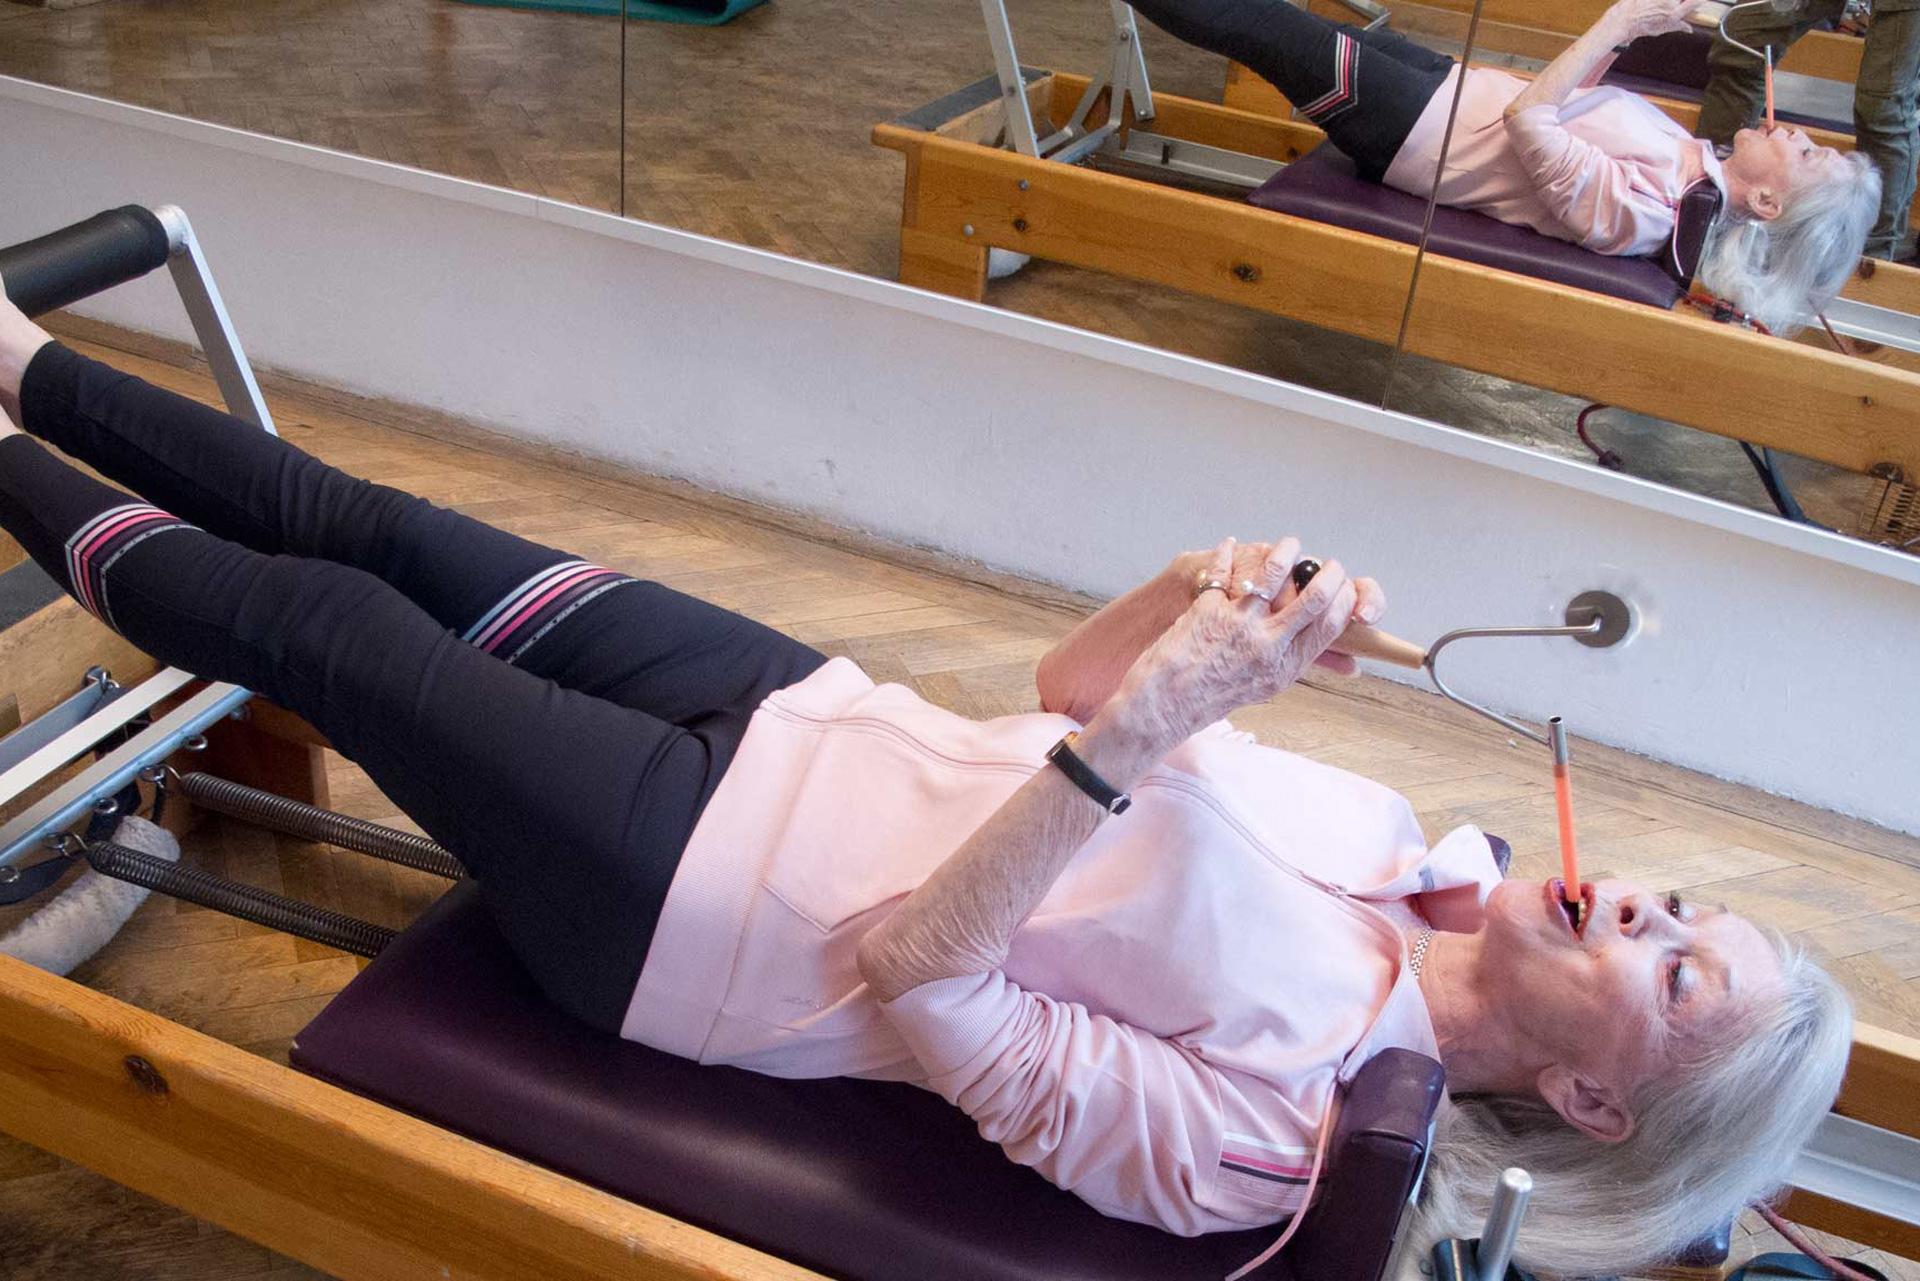 Atmungsintegration Pilatestraining bewusste reflexive Atmung Körperachtsamkeit Atemdynamik Biofeedback